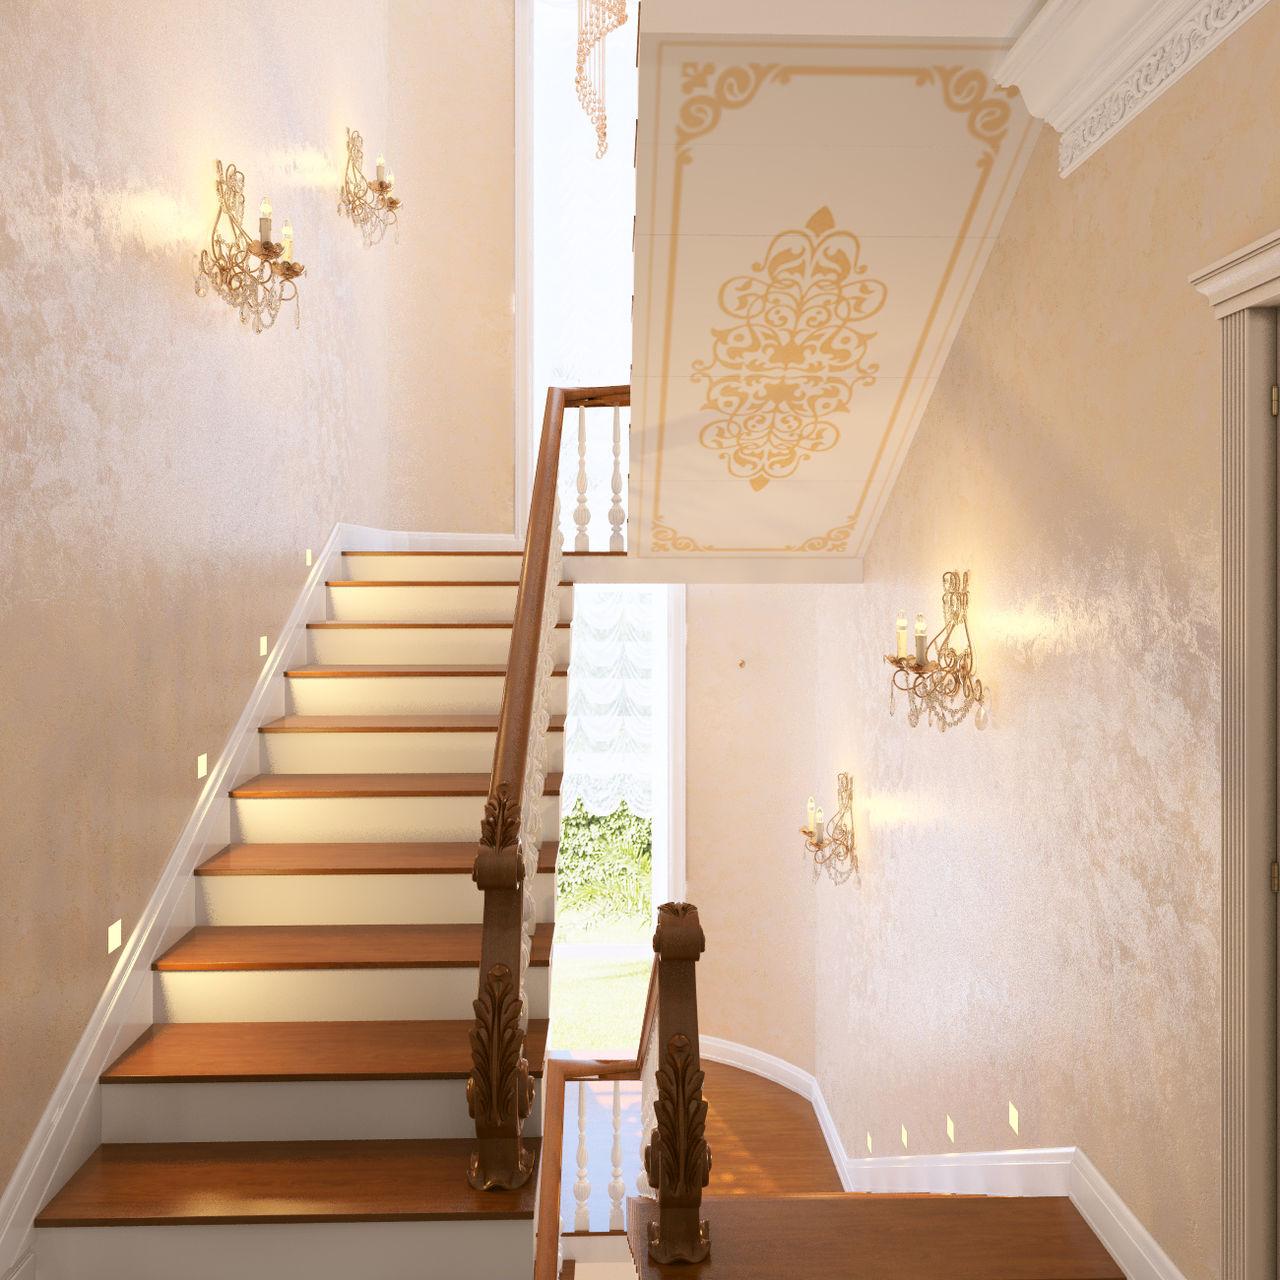 Интерьер коридора в частном доме с лестницей фото идеи